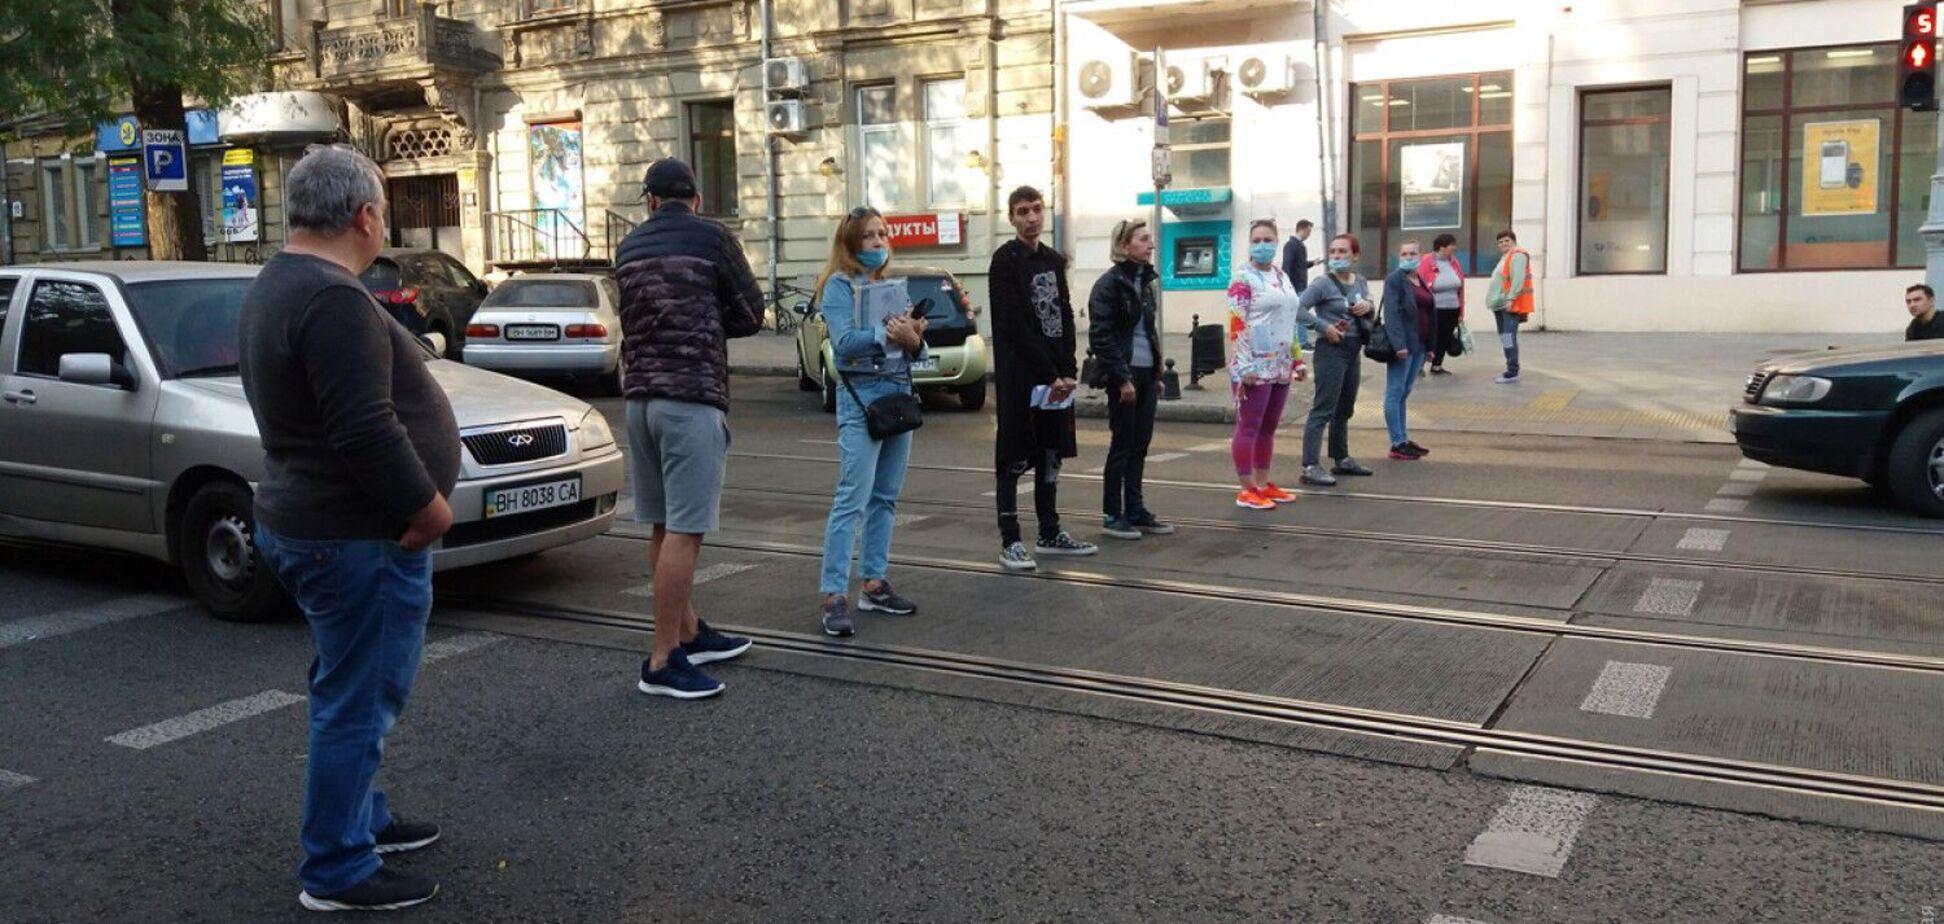 Одесситы вышли на протест из-за громких посиделок в ресторане. Фото и видео